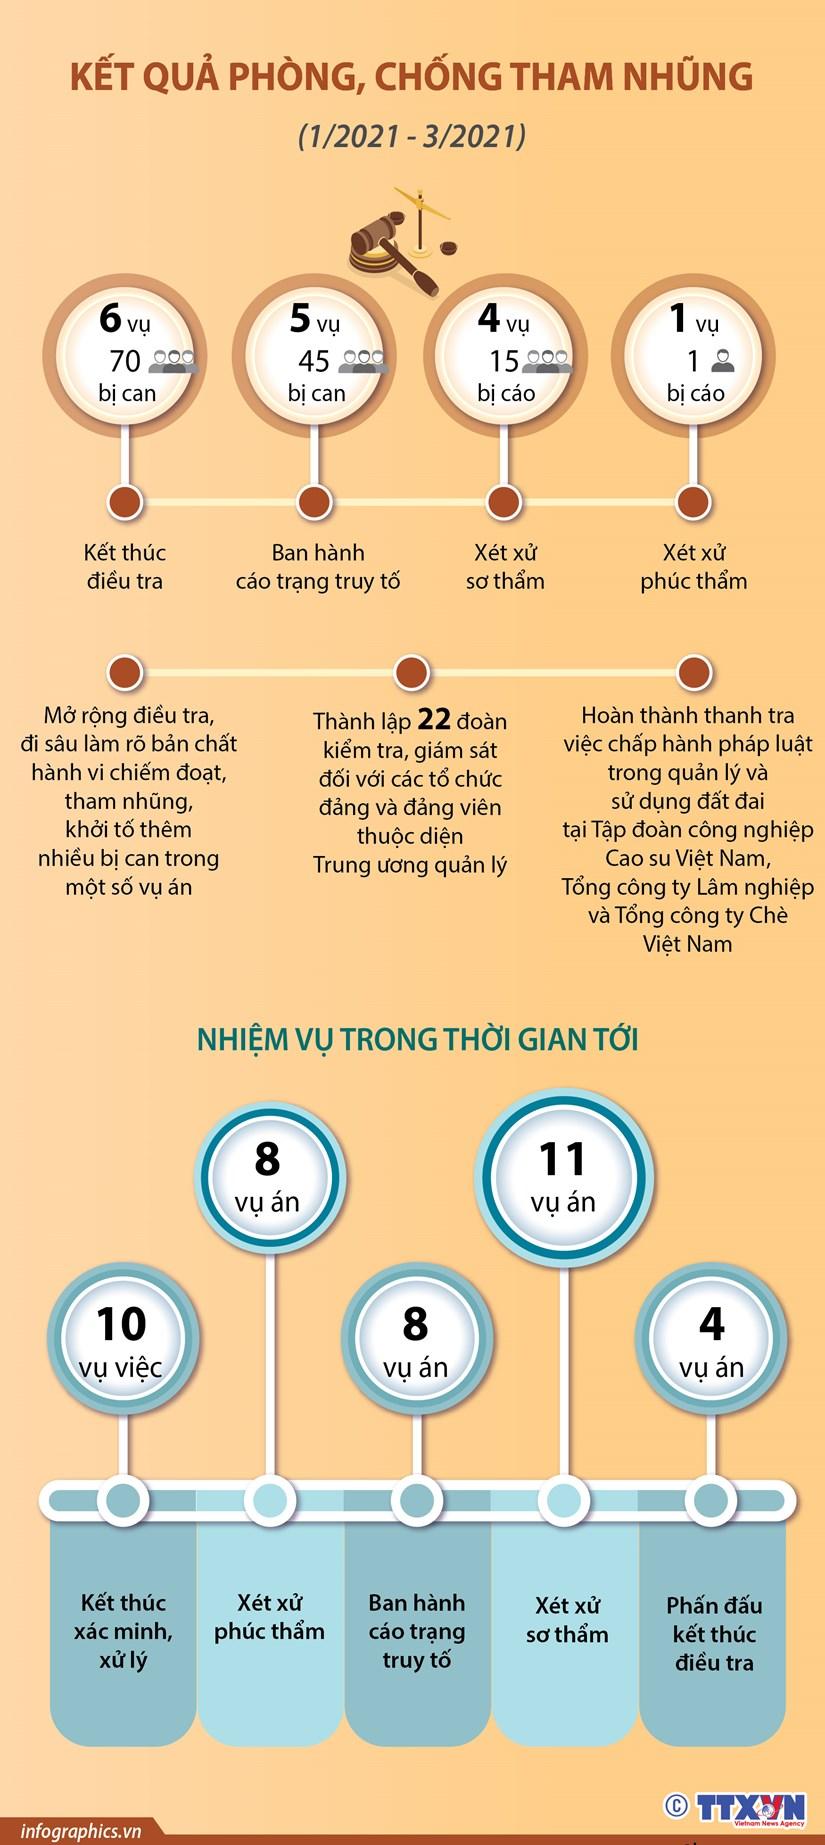 [Infographics] Ket qua phong, chong tham nhung tu sau Phien hop thu 19 hinh anh 1